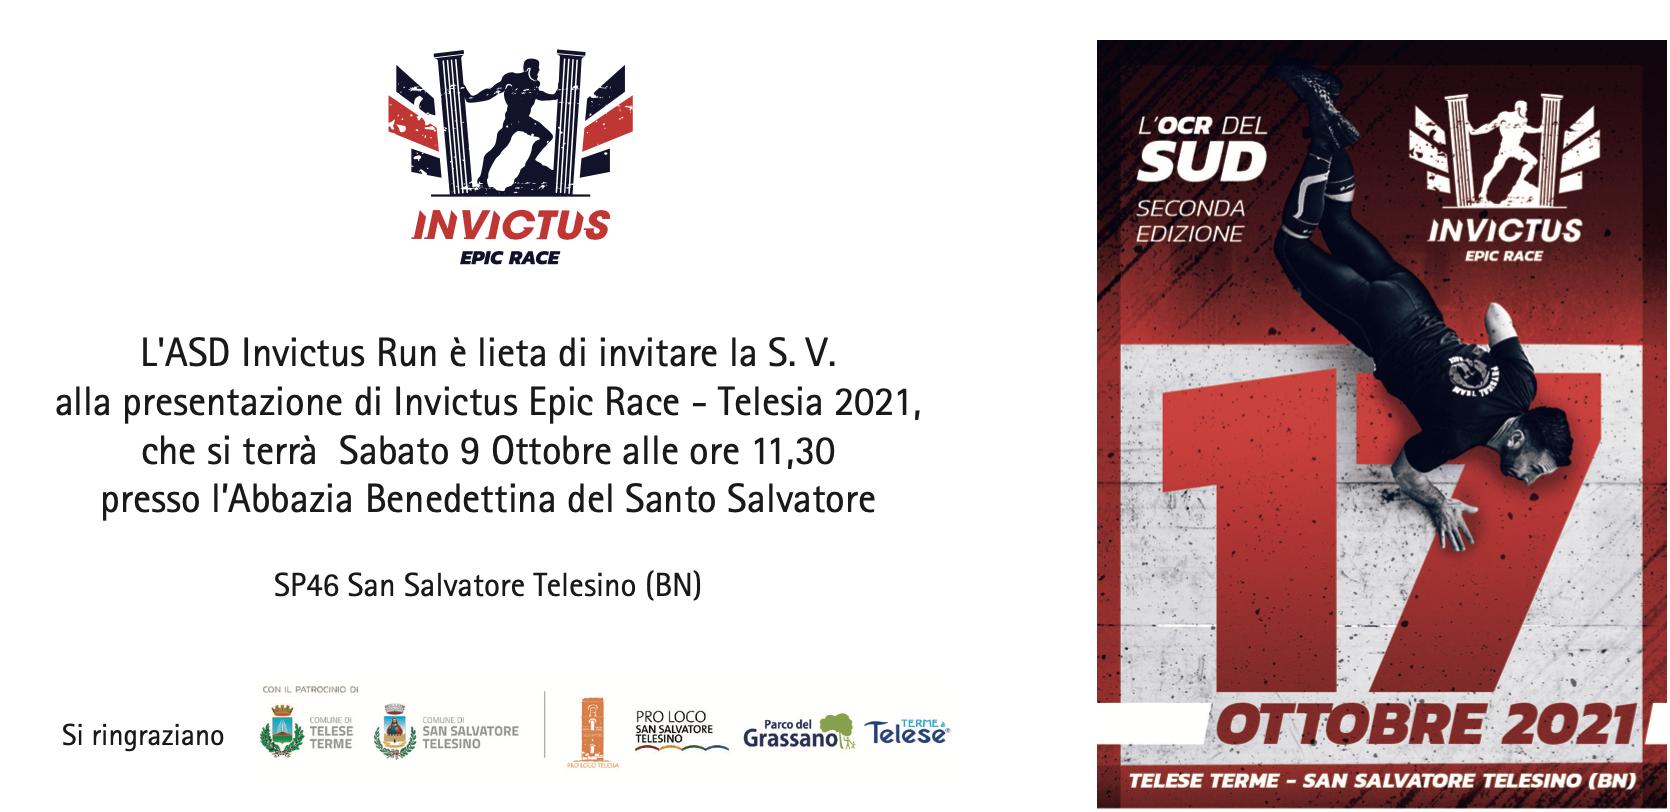 INVICTUS EPIC RACE – L'OCR DEL SUD – 17 OTTOBRE 2021